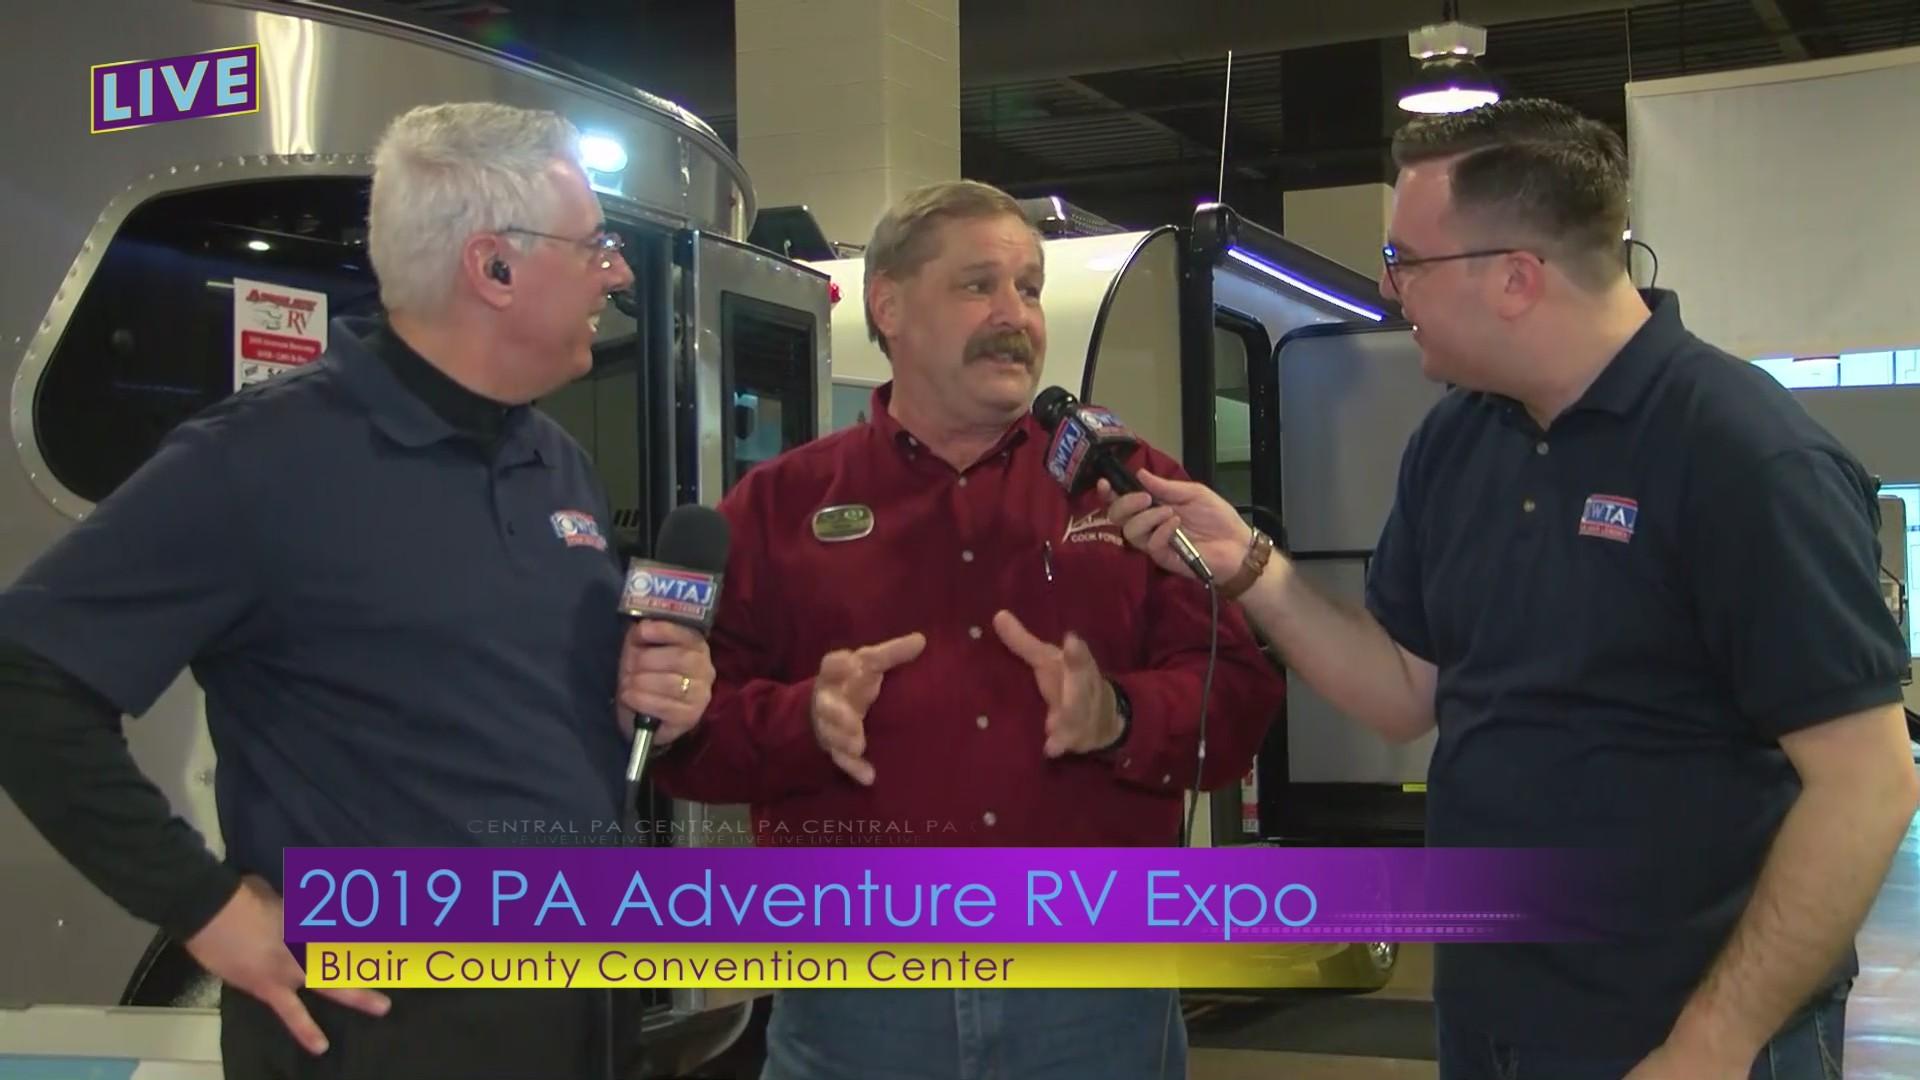 2-22 Calumet Campground: PA RV Expo